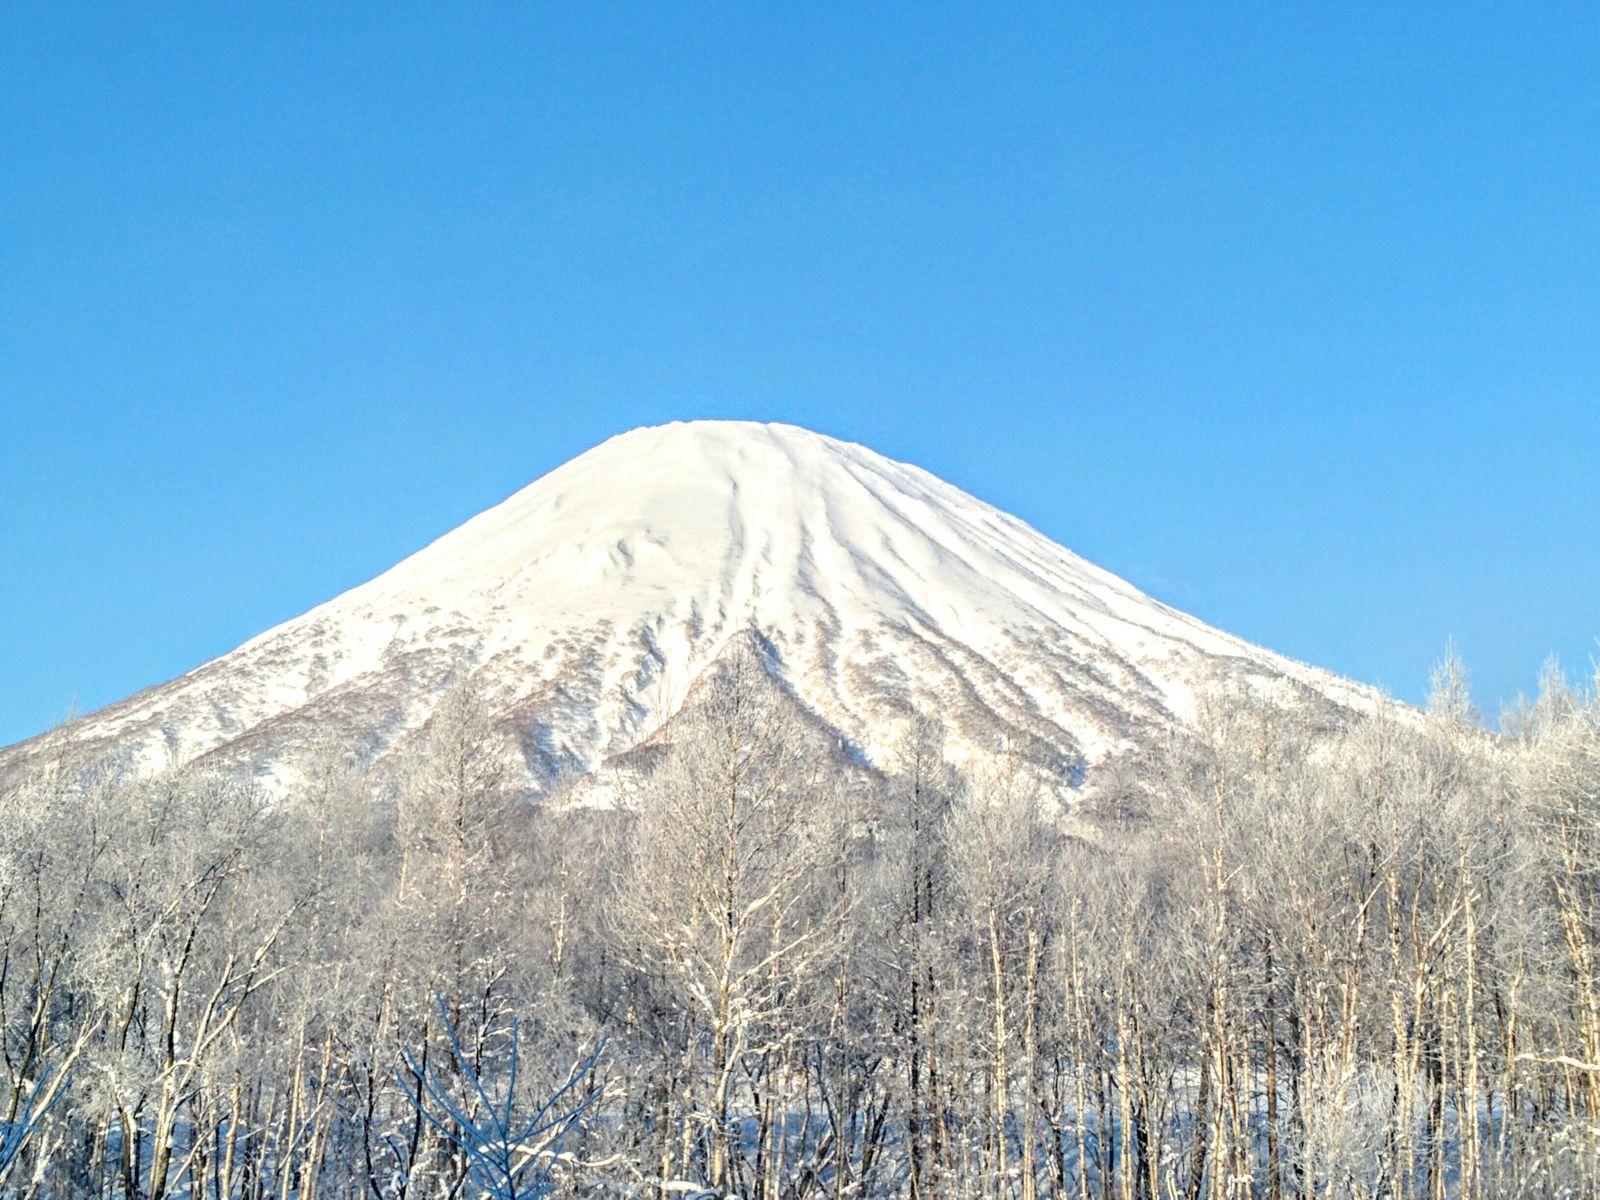 【羊蹄山】京極町と喜茂別町からの眺望です。